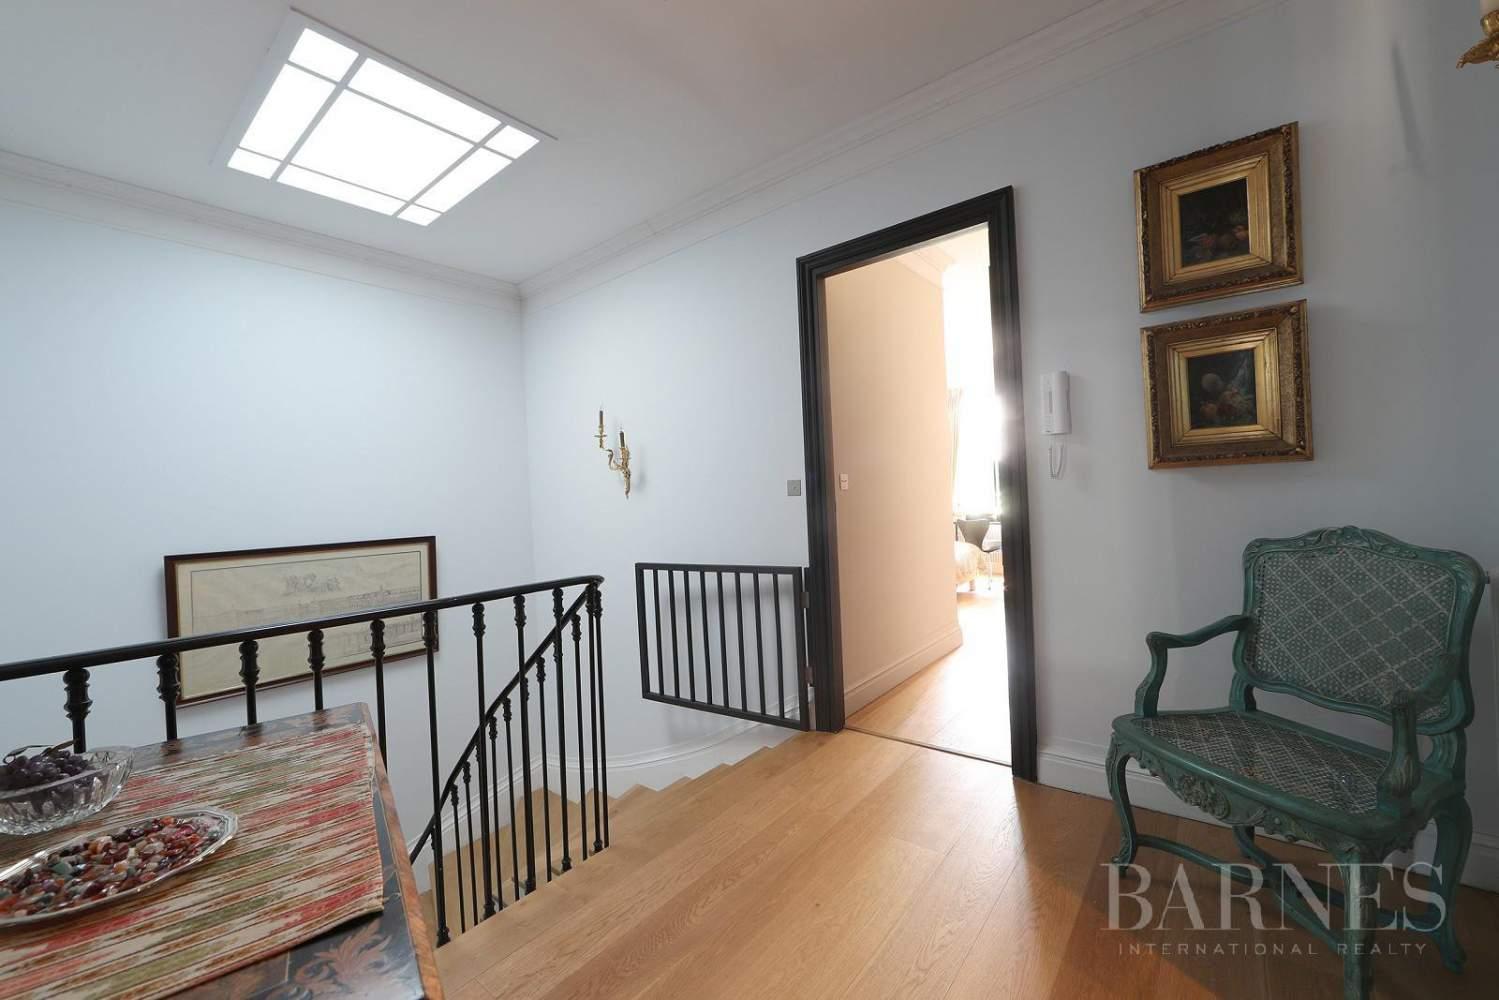 Bordeaux parc bordelais maison contemporaine 5 chambres garages piscine ventes - Maison contemporaine bordeaux ...